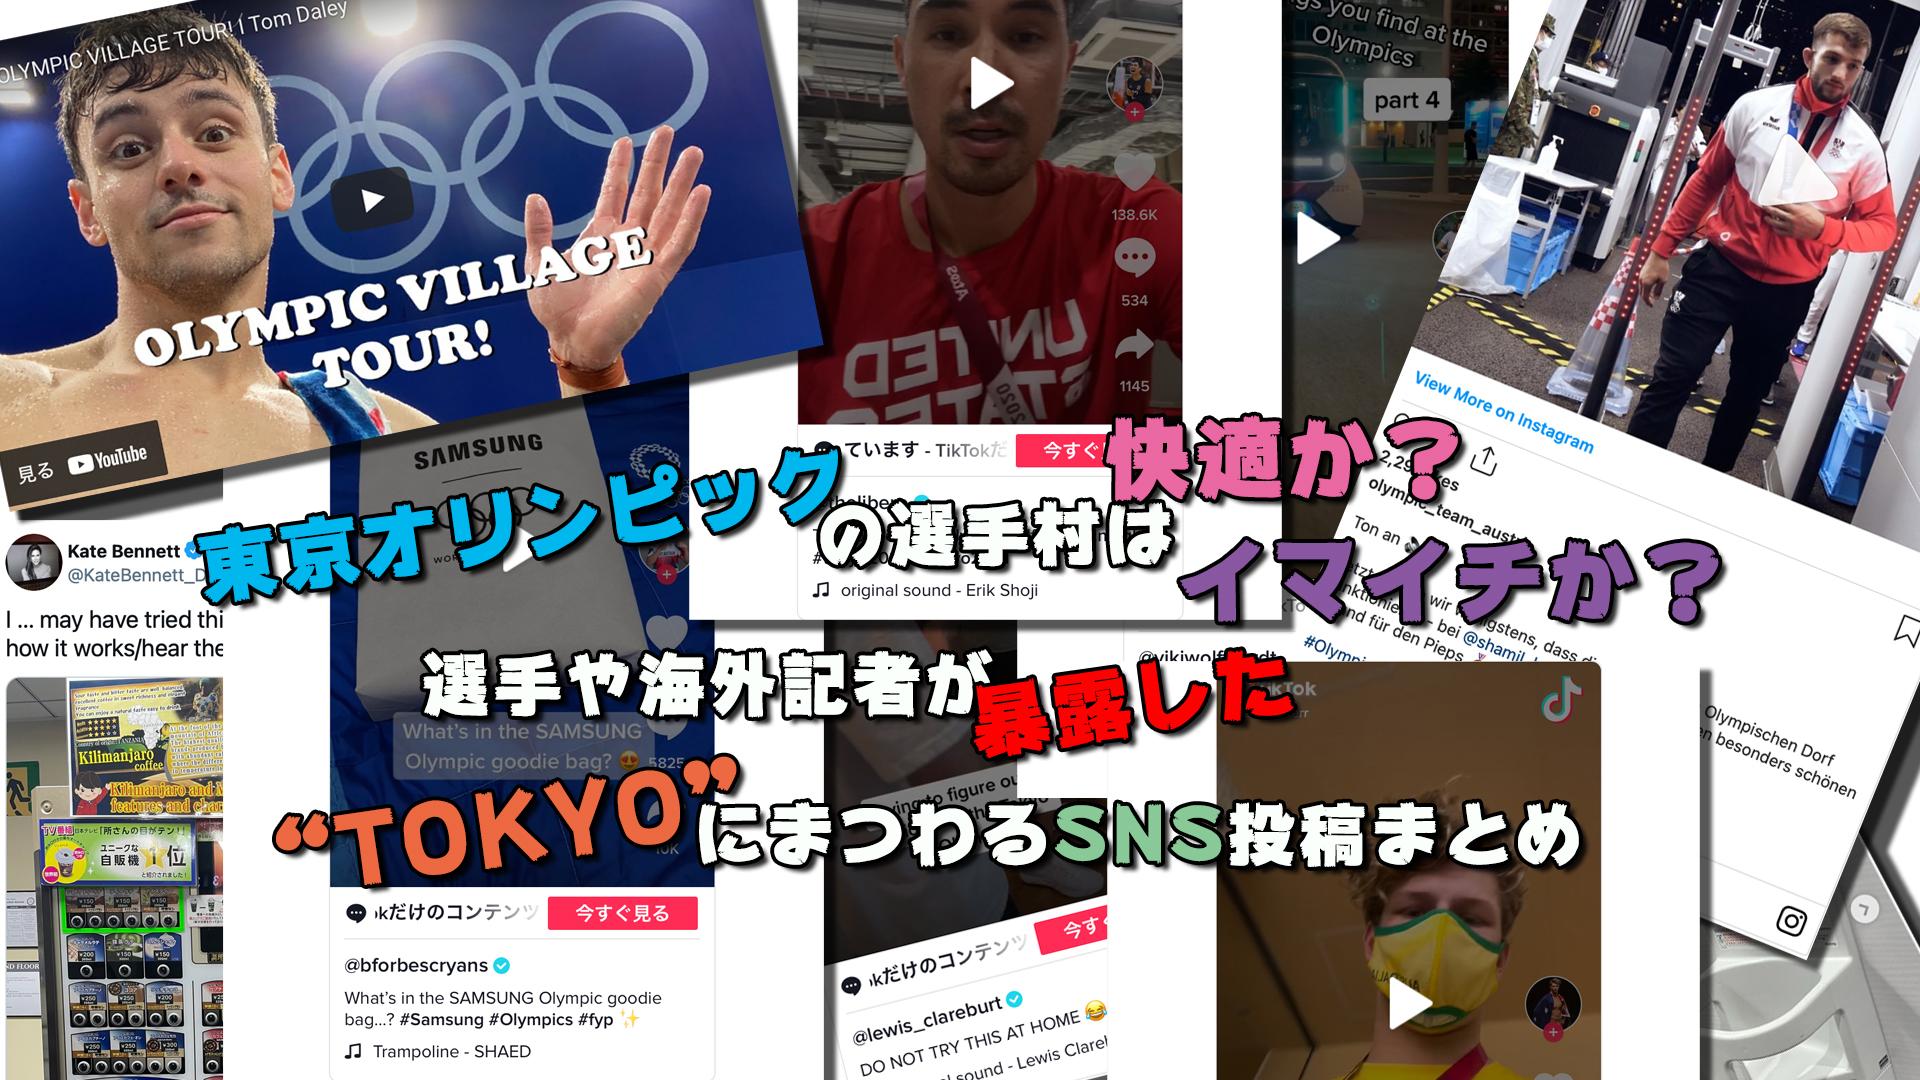 """【五輪アスリートの本音】東京オリンピックの選手村は快適か?イマイチか?選手や海外記者が暴露した""""TOKYO""""にまつわるSNS投稿まとめ"""